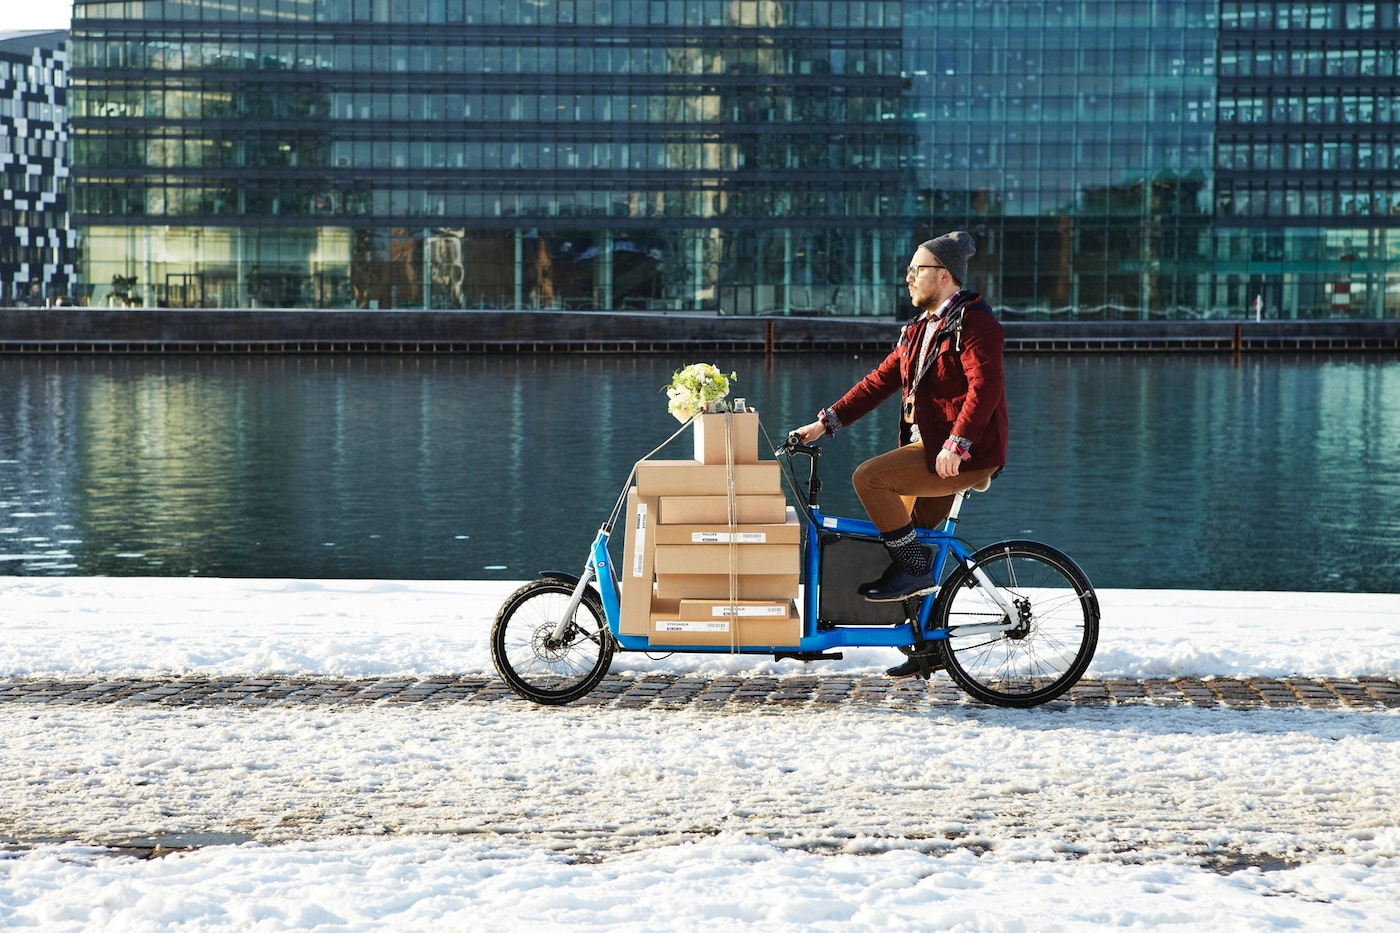 صورة تُظهر رجلًا على دراجة أمام بحيرة تنقل معبأة IKEA مسطحةproducts back home.